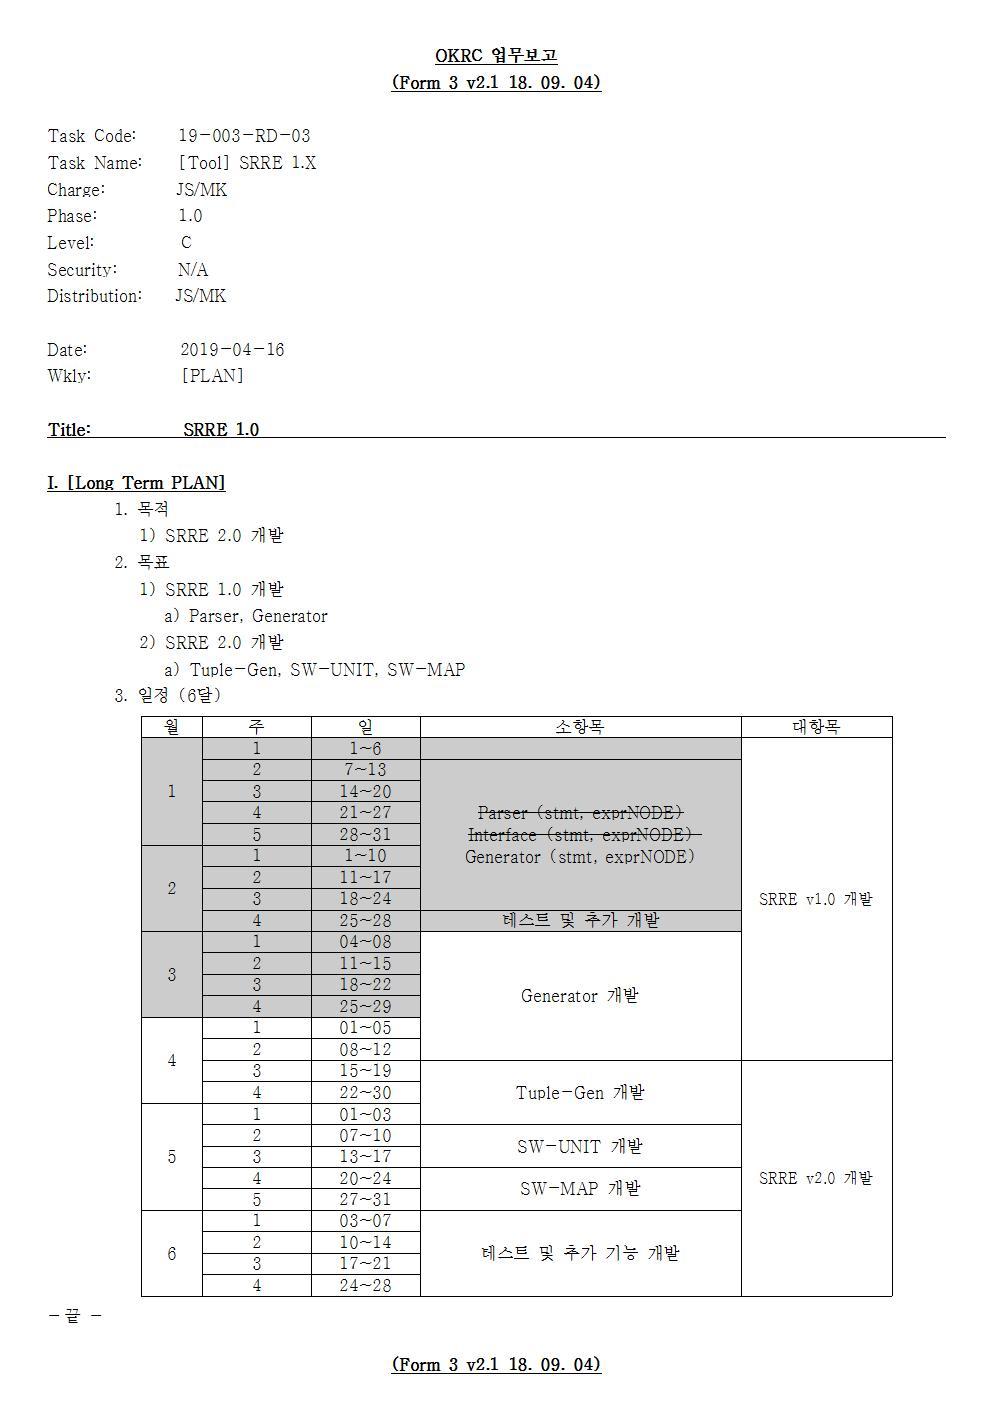 D-[19-003-RD-03]-[Tool-SRRE-1.X]-[2019-04-16][JS]001.jpg